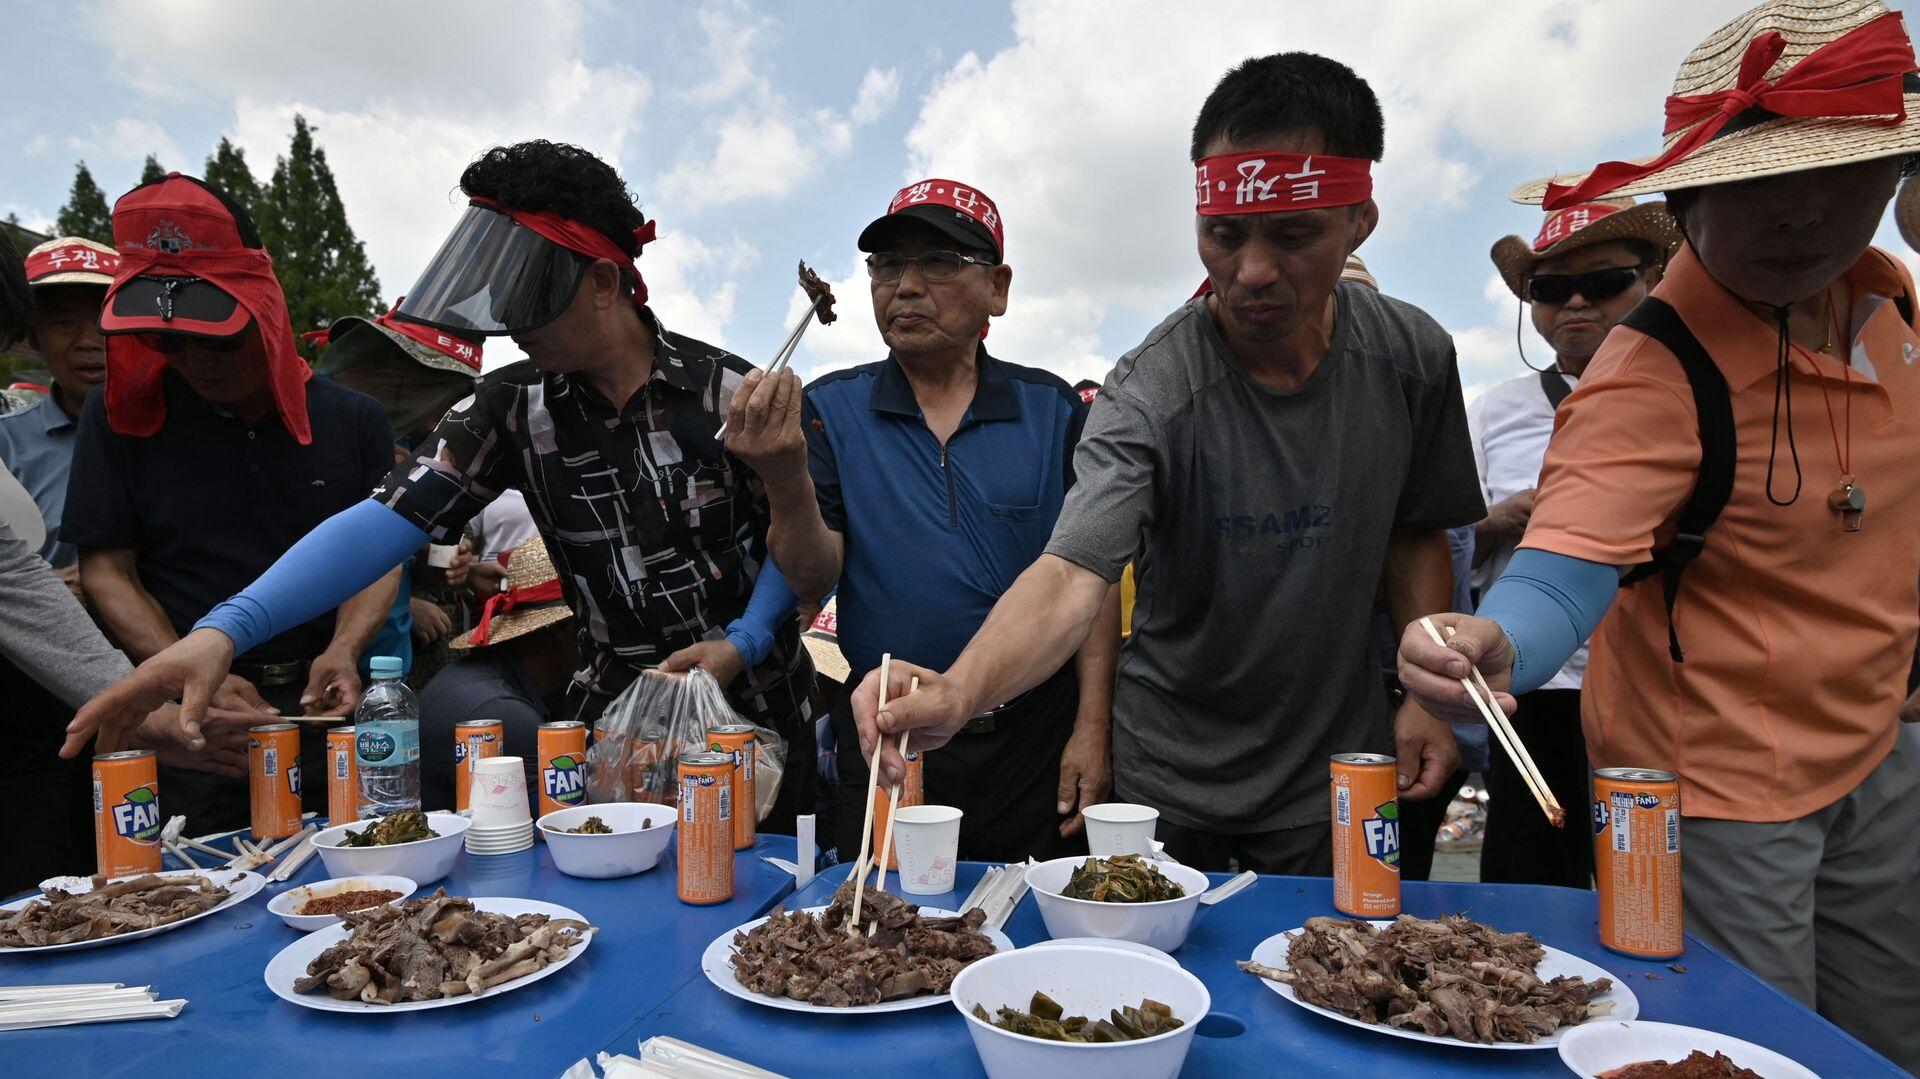 Các chủ trang trại ăn thịt chó trong hoạt động phản đối ở Seoul - Sputnik Việt Nam, 1920, 06.10.2021